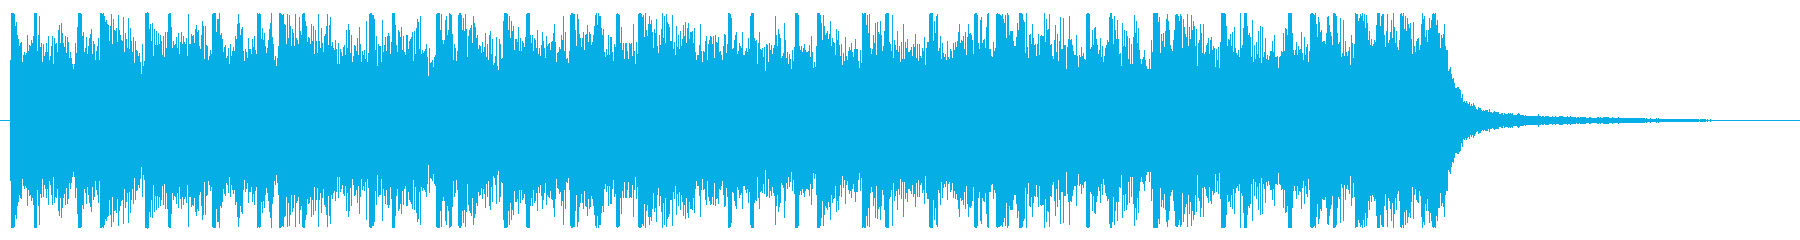 ロック調のパワフルなジングルの再生済みの波形